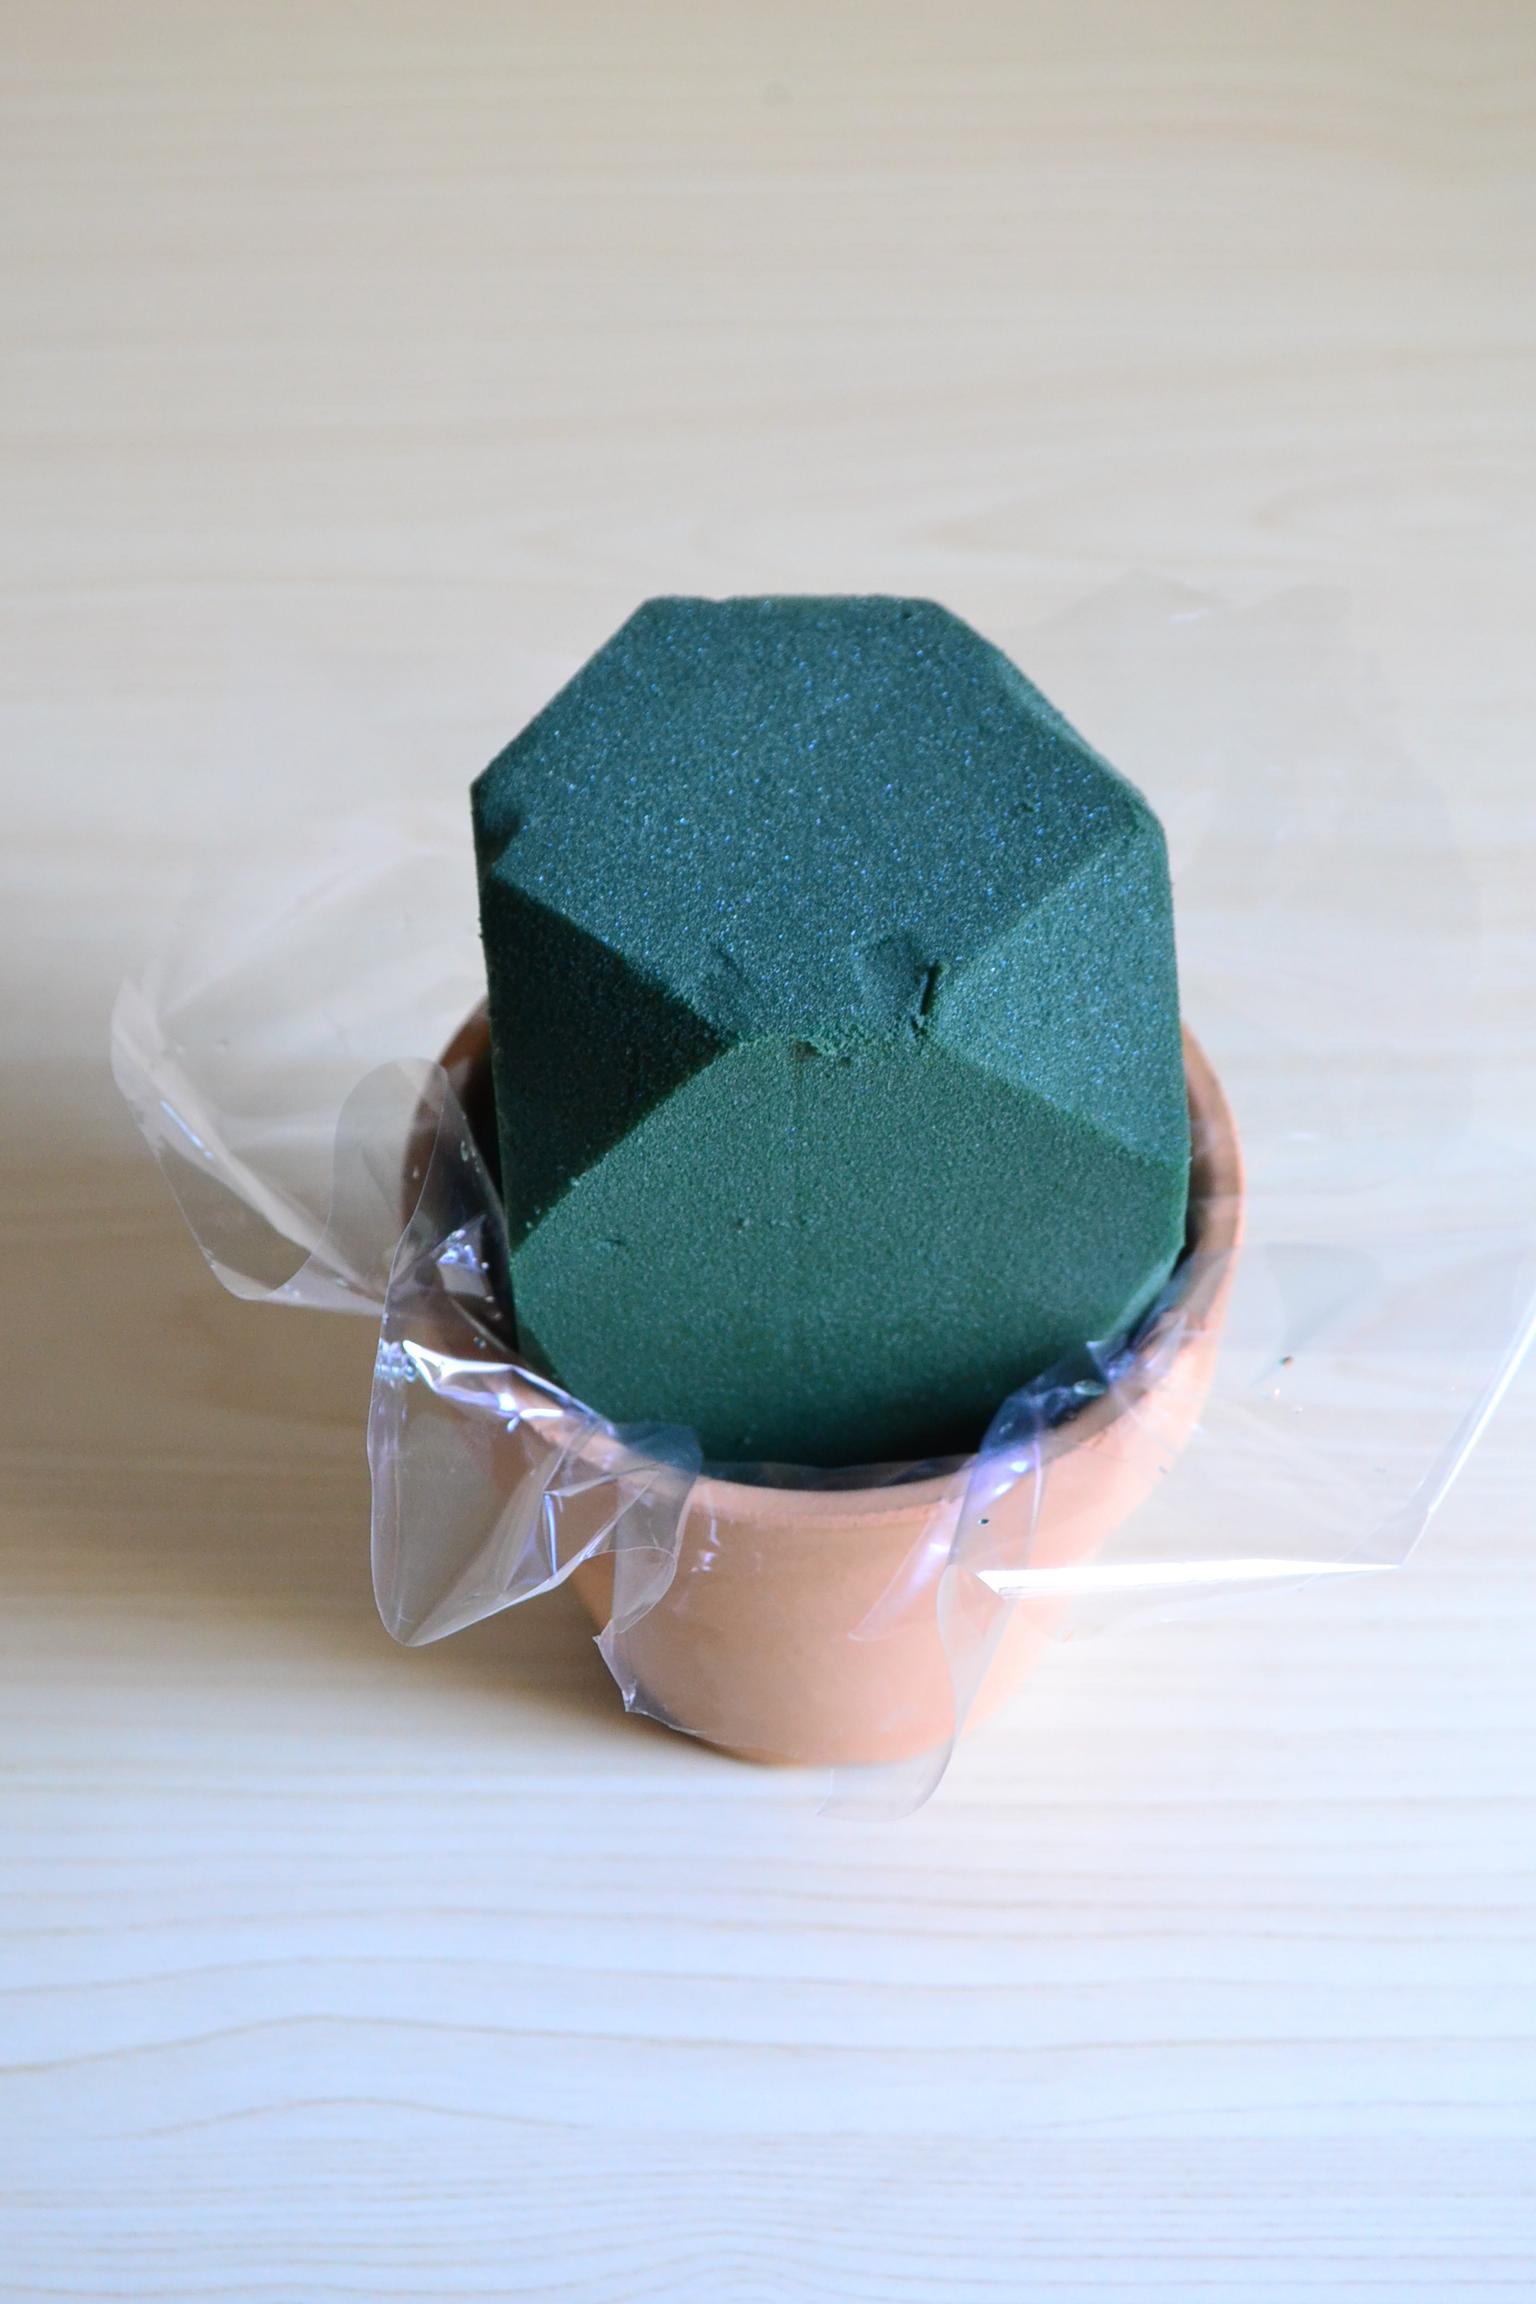 吸水スポンジを器にセットします。素焼き鉢のような水漏れする器の場合は、セロファンやビニールなどを下に敷いてから吸水スポンジをセットしましょう。